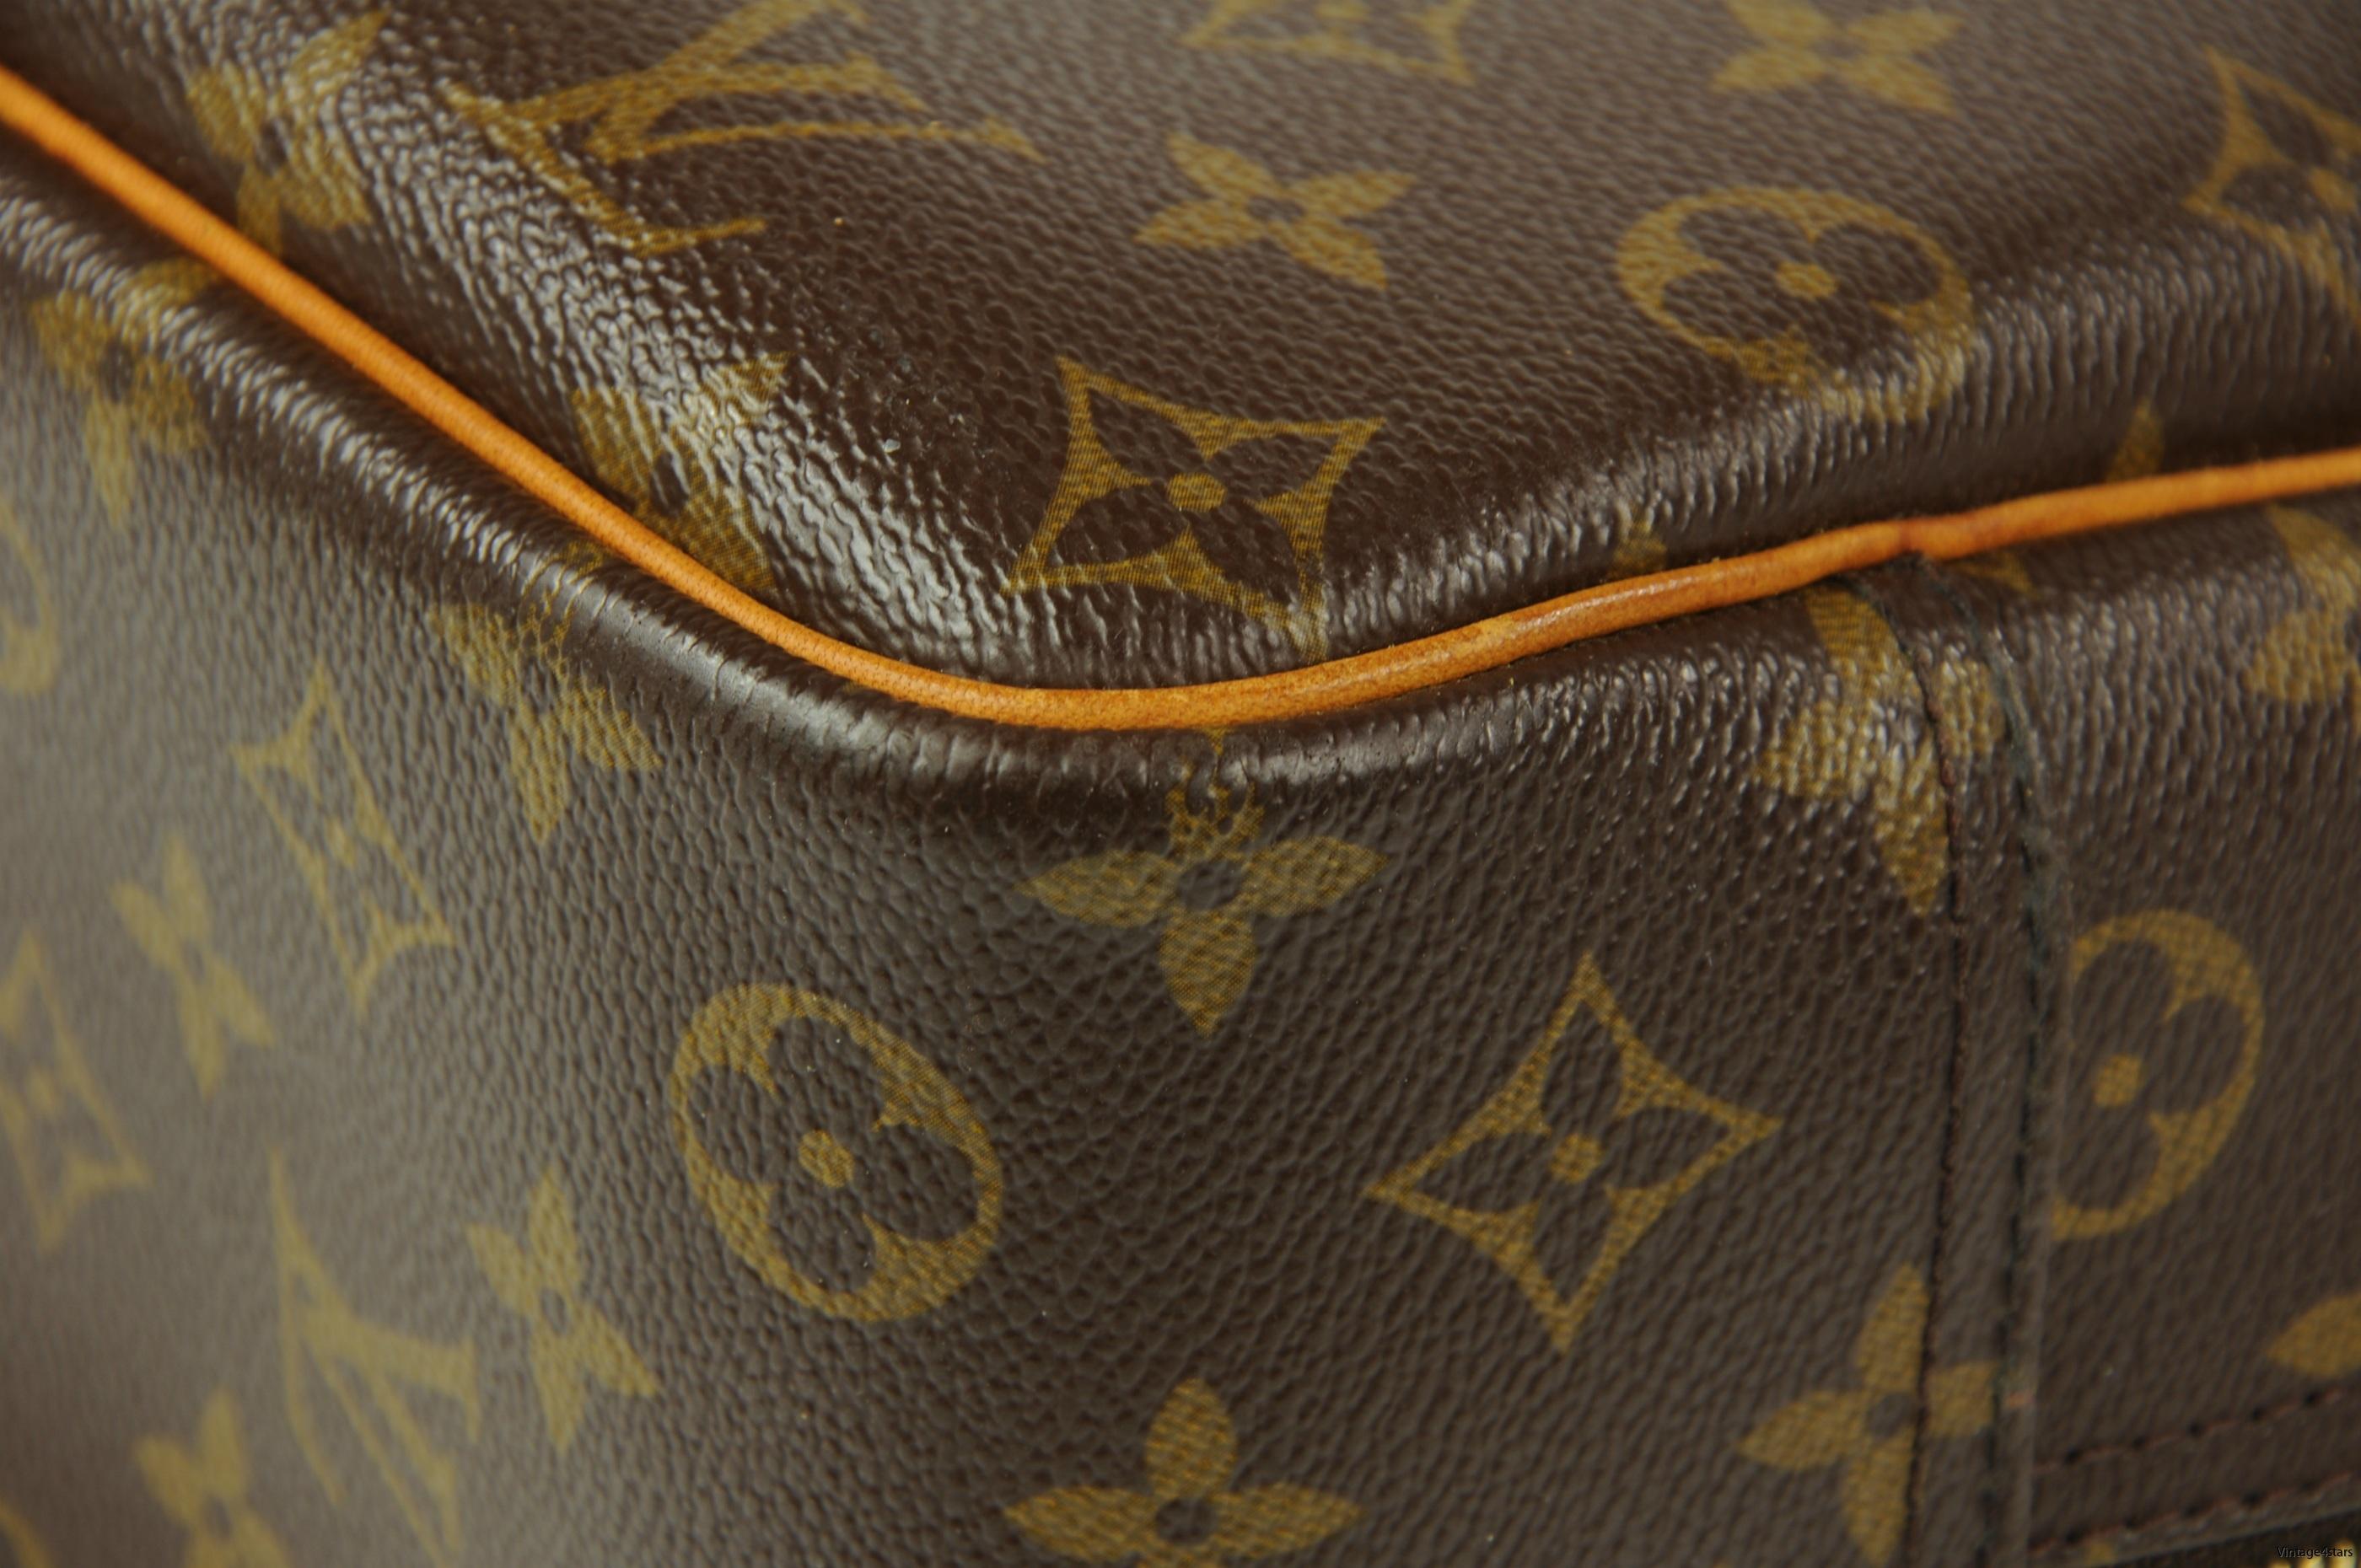 Louis Vuitton Deauville Monogram 5